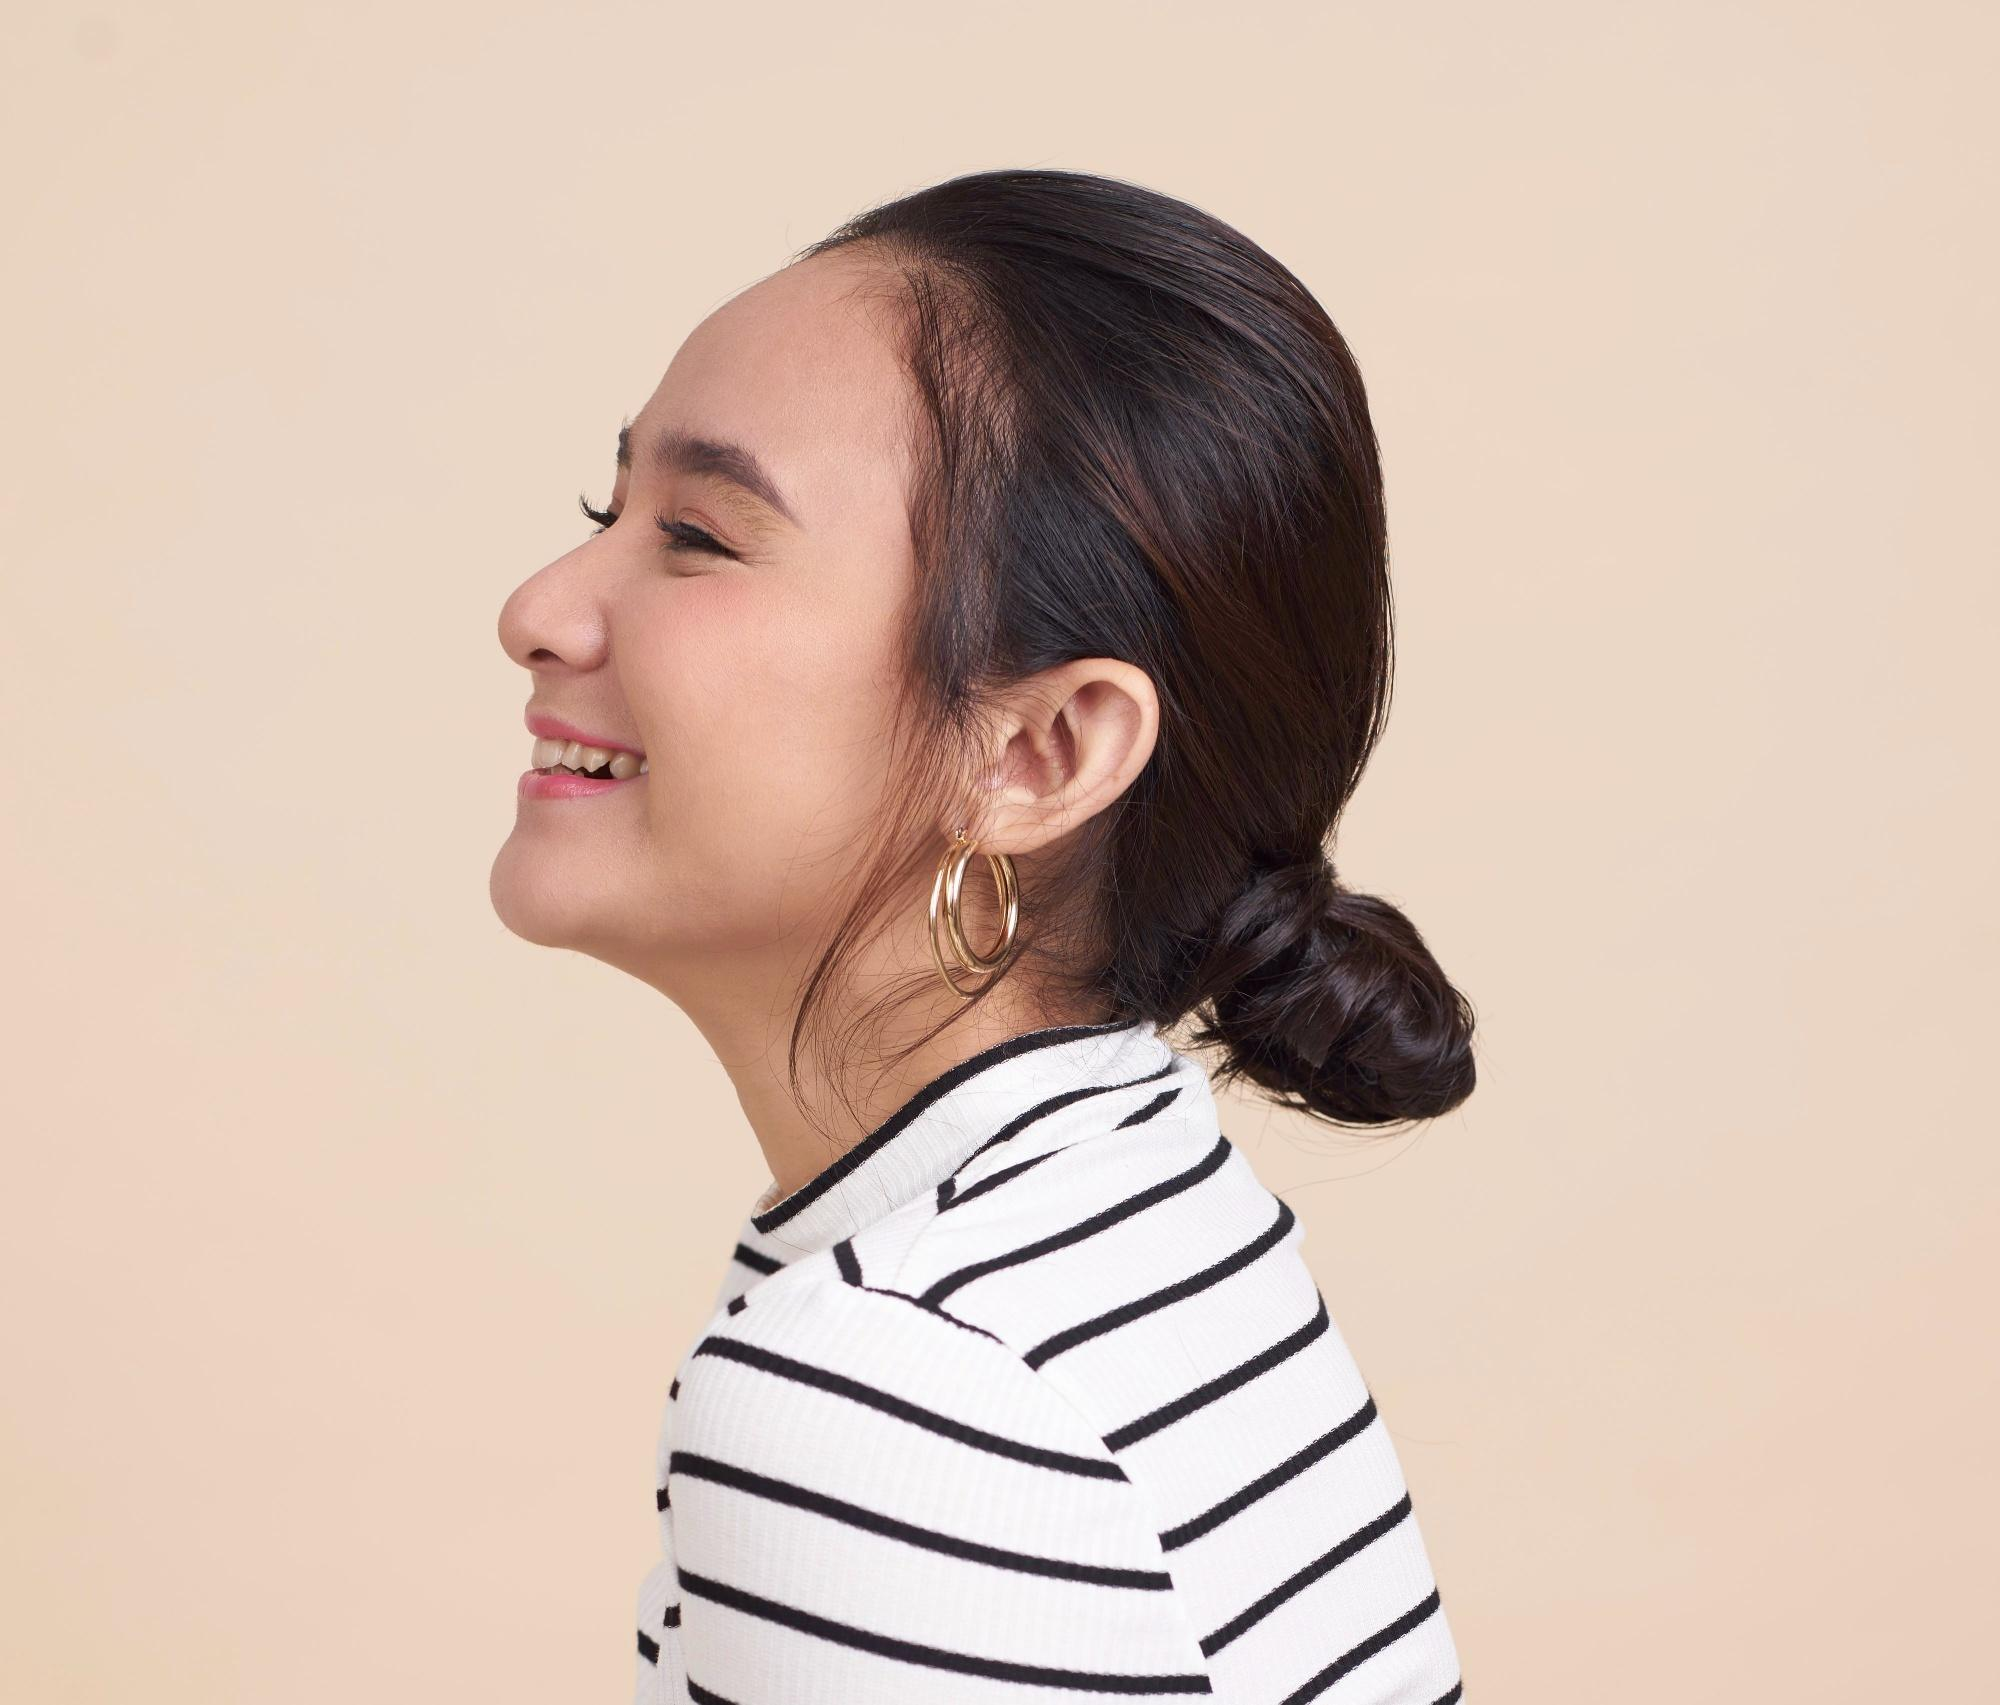 Closeup shot of an Asian woman with black hair in a low bun wearing a striped shirt